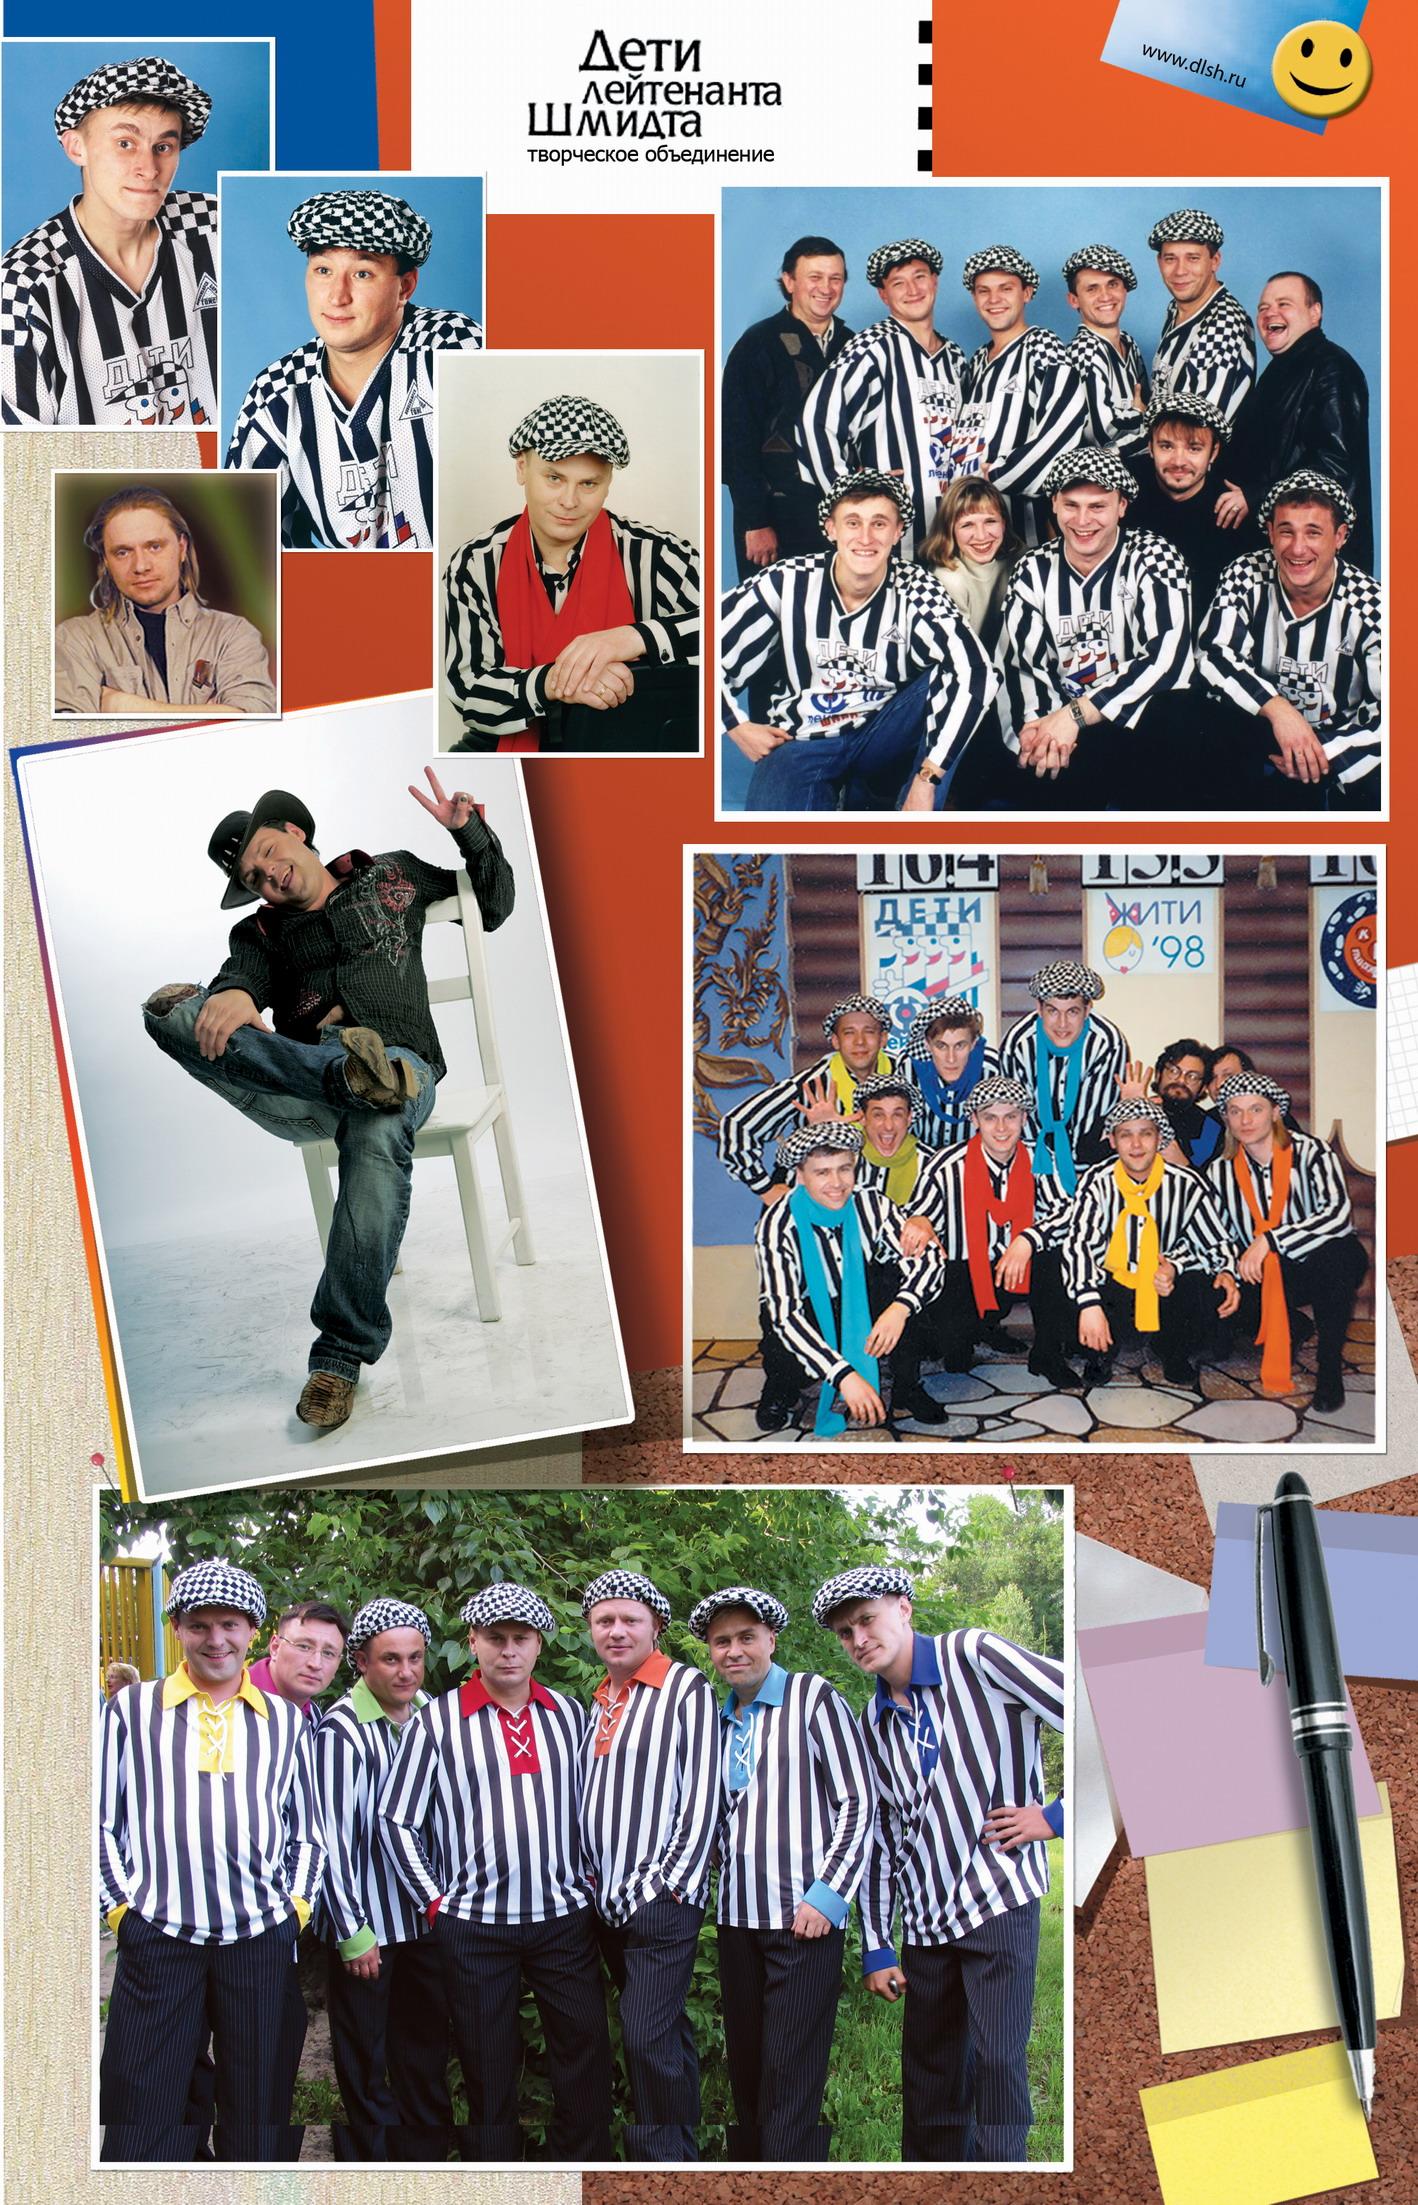 Дети лейтенанта шмидта состав команды фото и фамилии